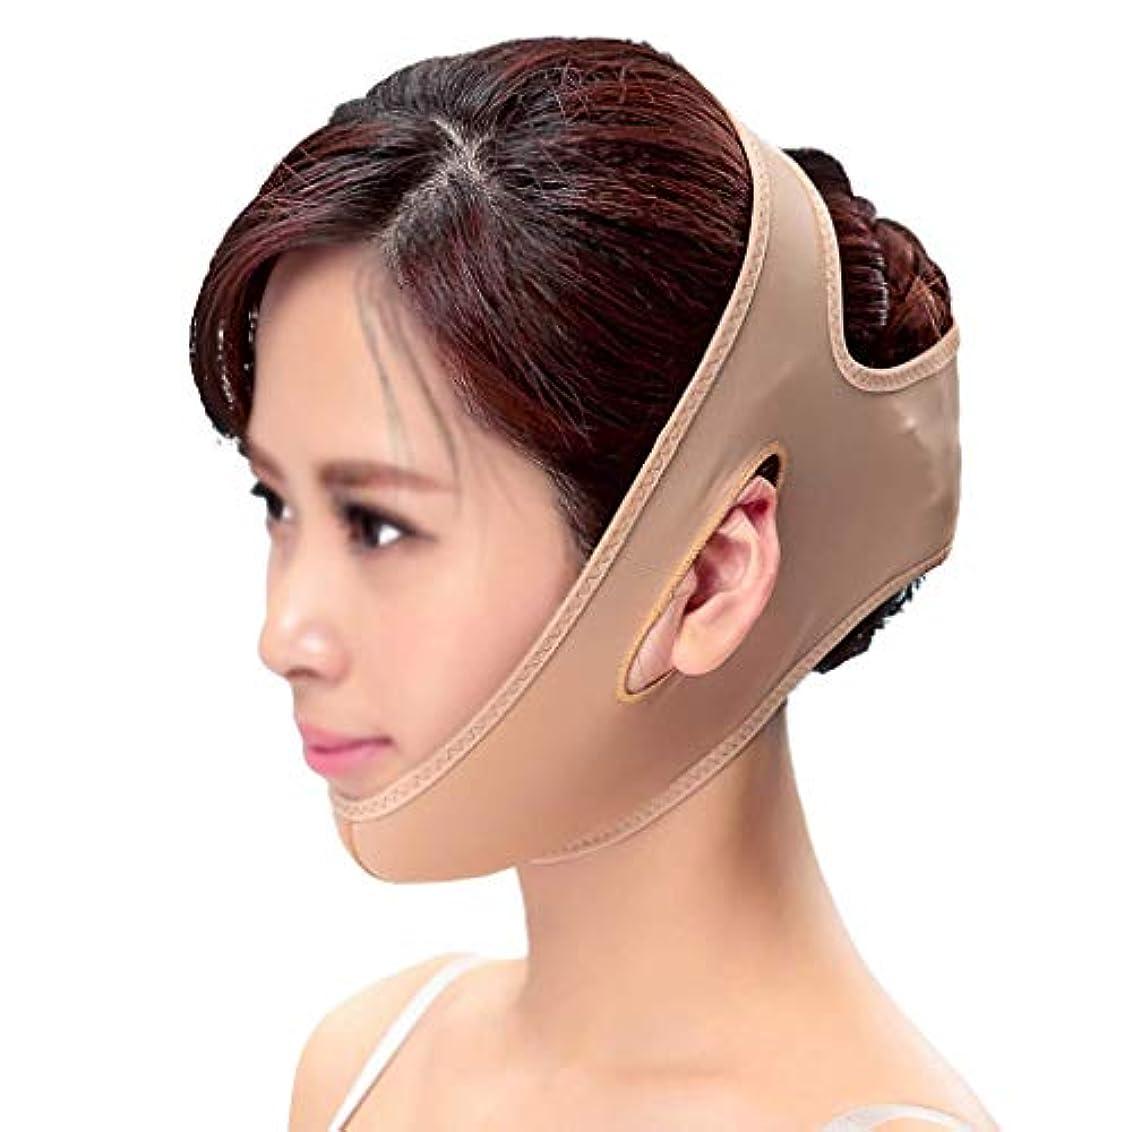 フィードオン円周不忠スリミングベルト、フェイシャルマスクシンフェイスマスクプラスチックスキニーフェイスアーティファクトto Masseter Muscle Double Chin Skin Graft Scar Hyperplasia Band V Face Line Carving Elastic Sleeve(Size:XXL)